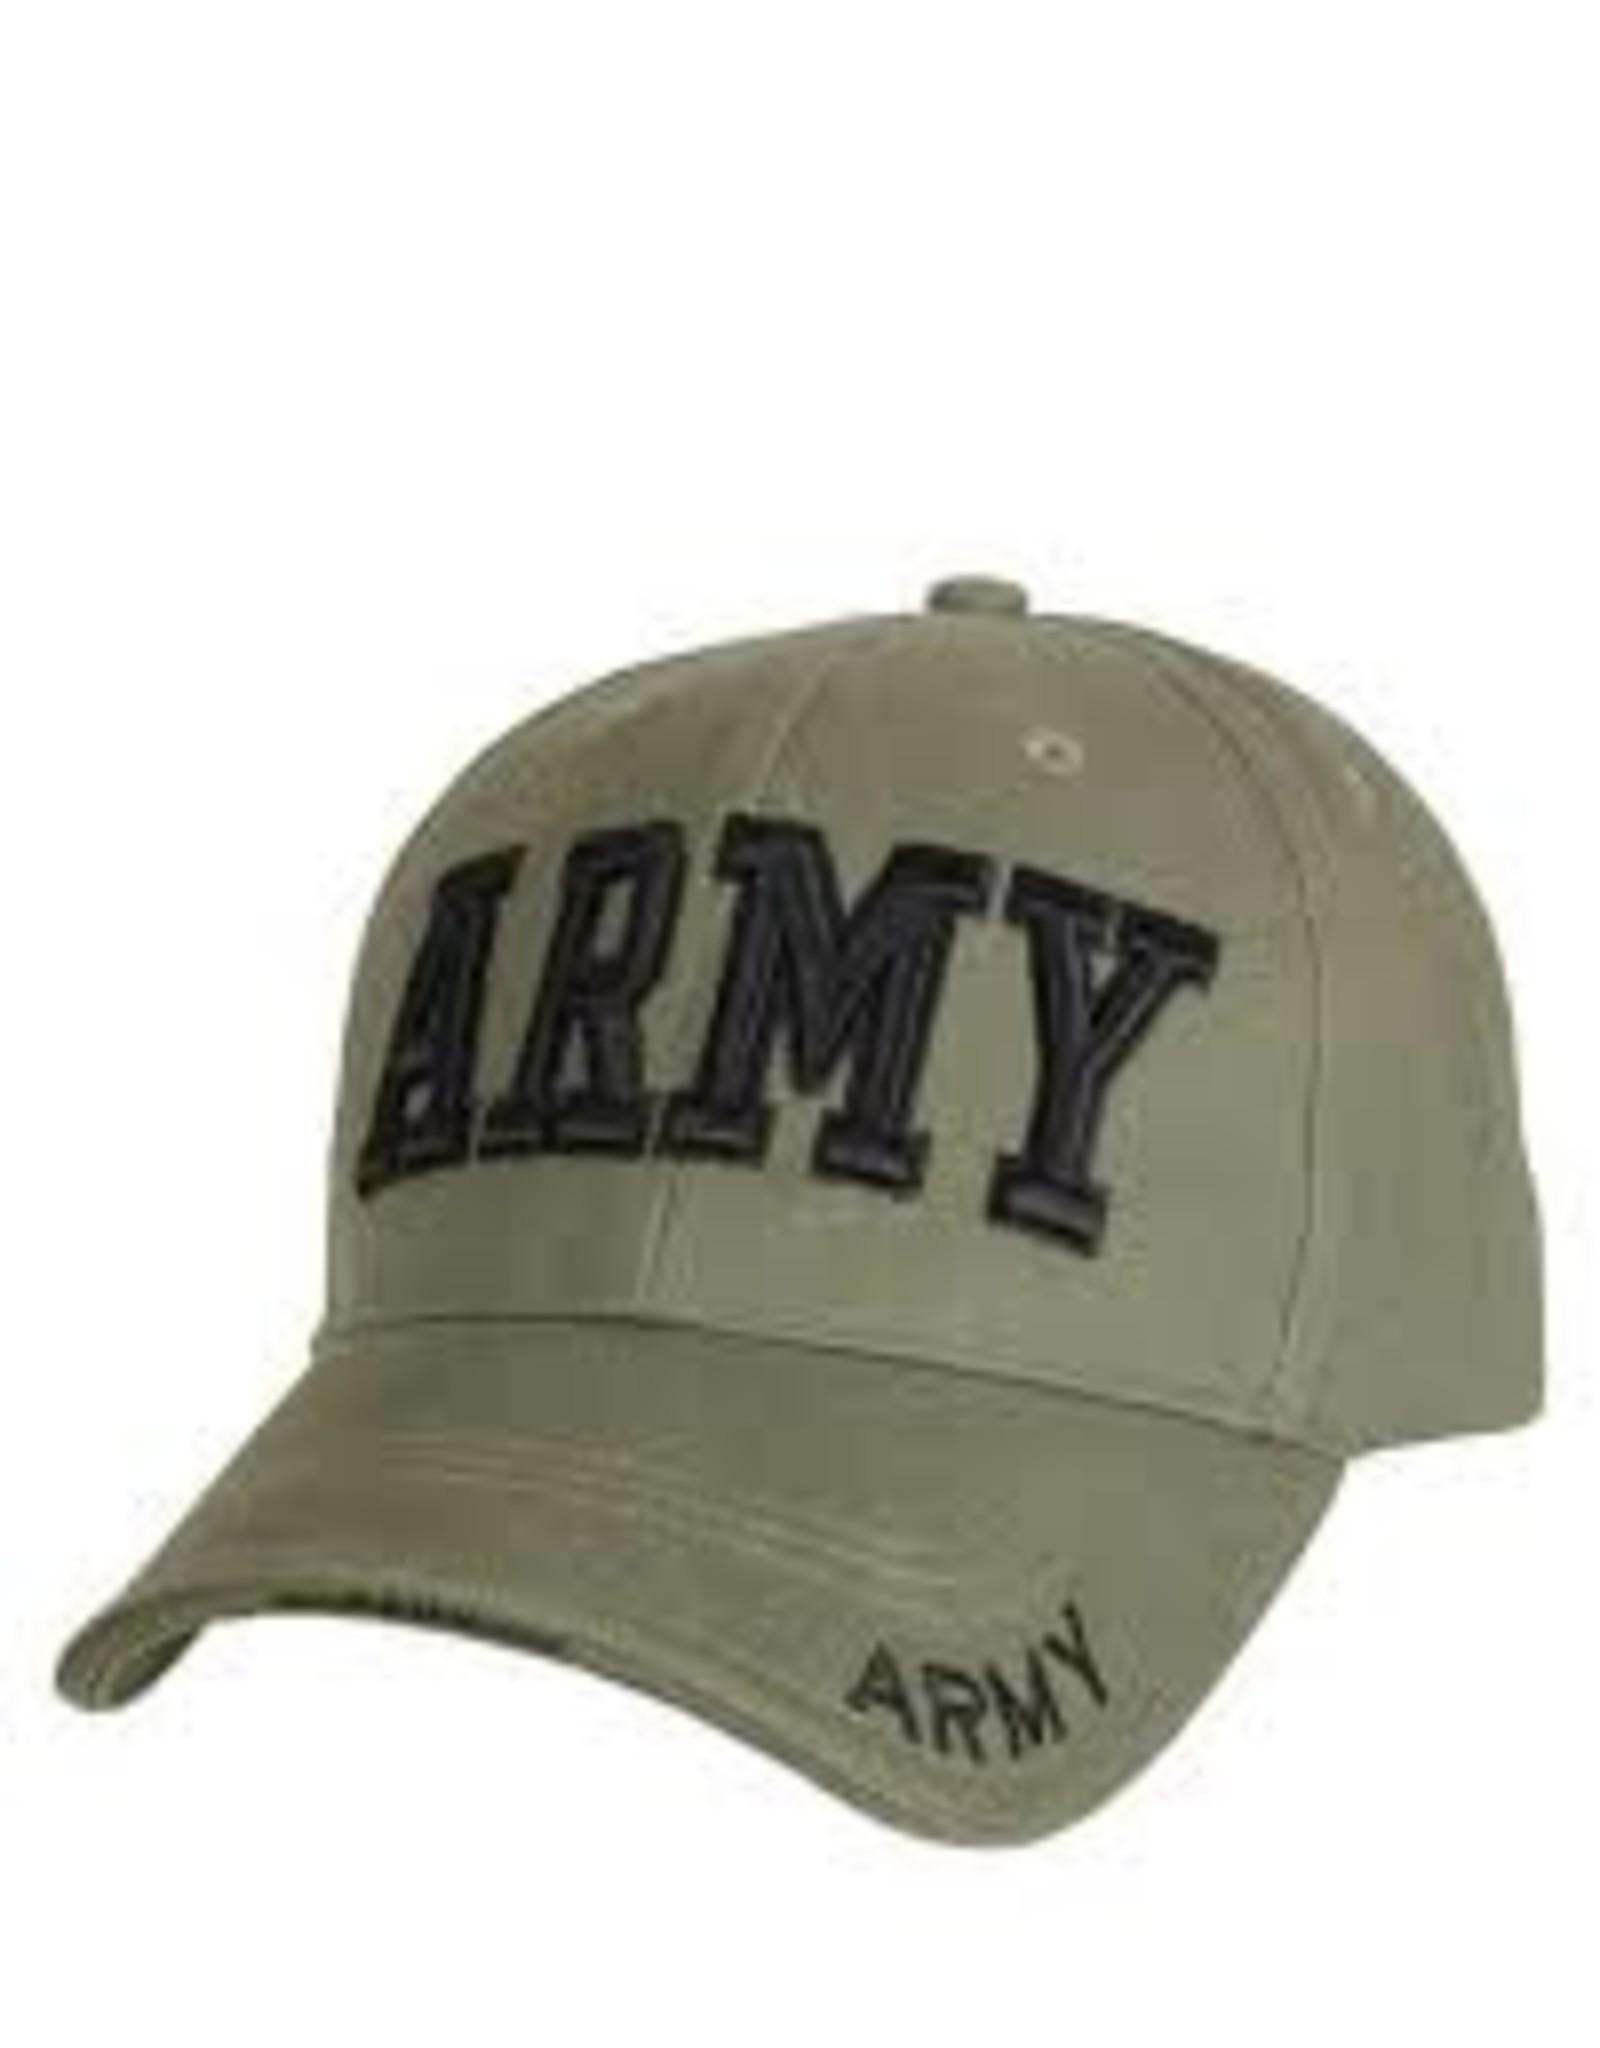 ROTHCO ARMY BASEBALL CAP - OLIVE DRAB